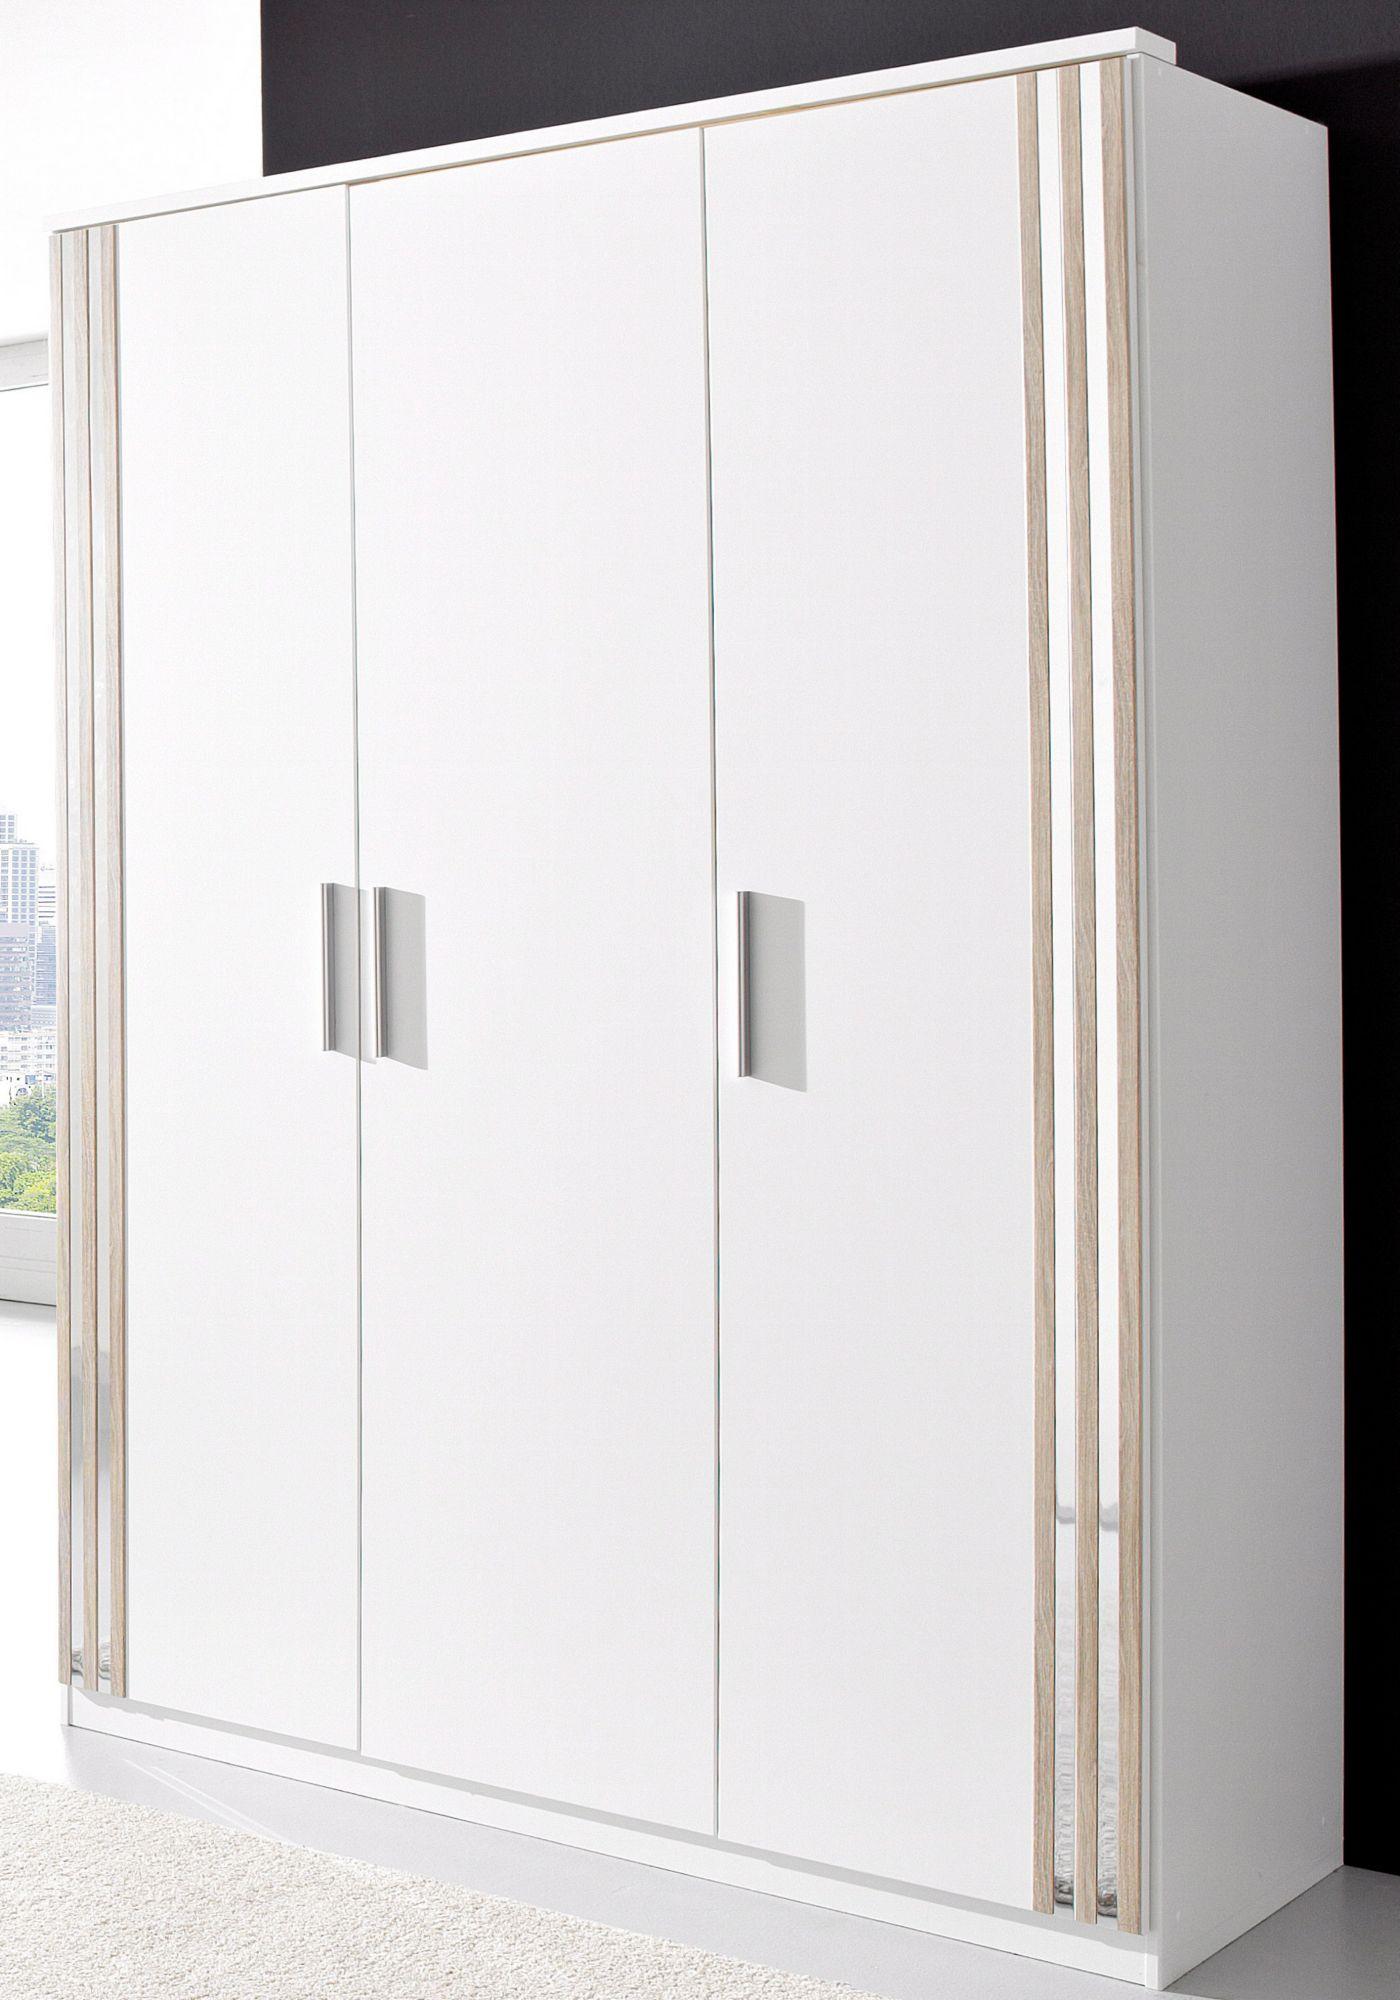 kleiderschrank schwab versand dreht renschr nke. Black Bedroom Furniture Sets. Home Design Ideas